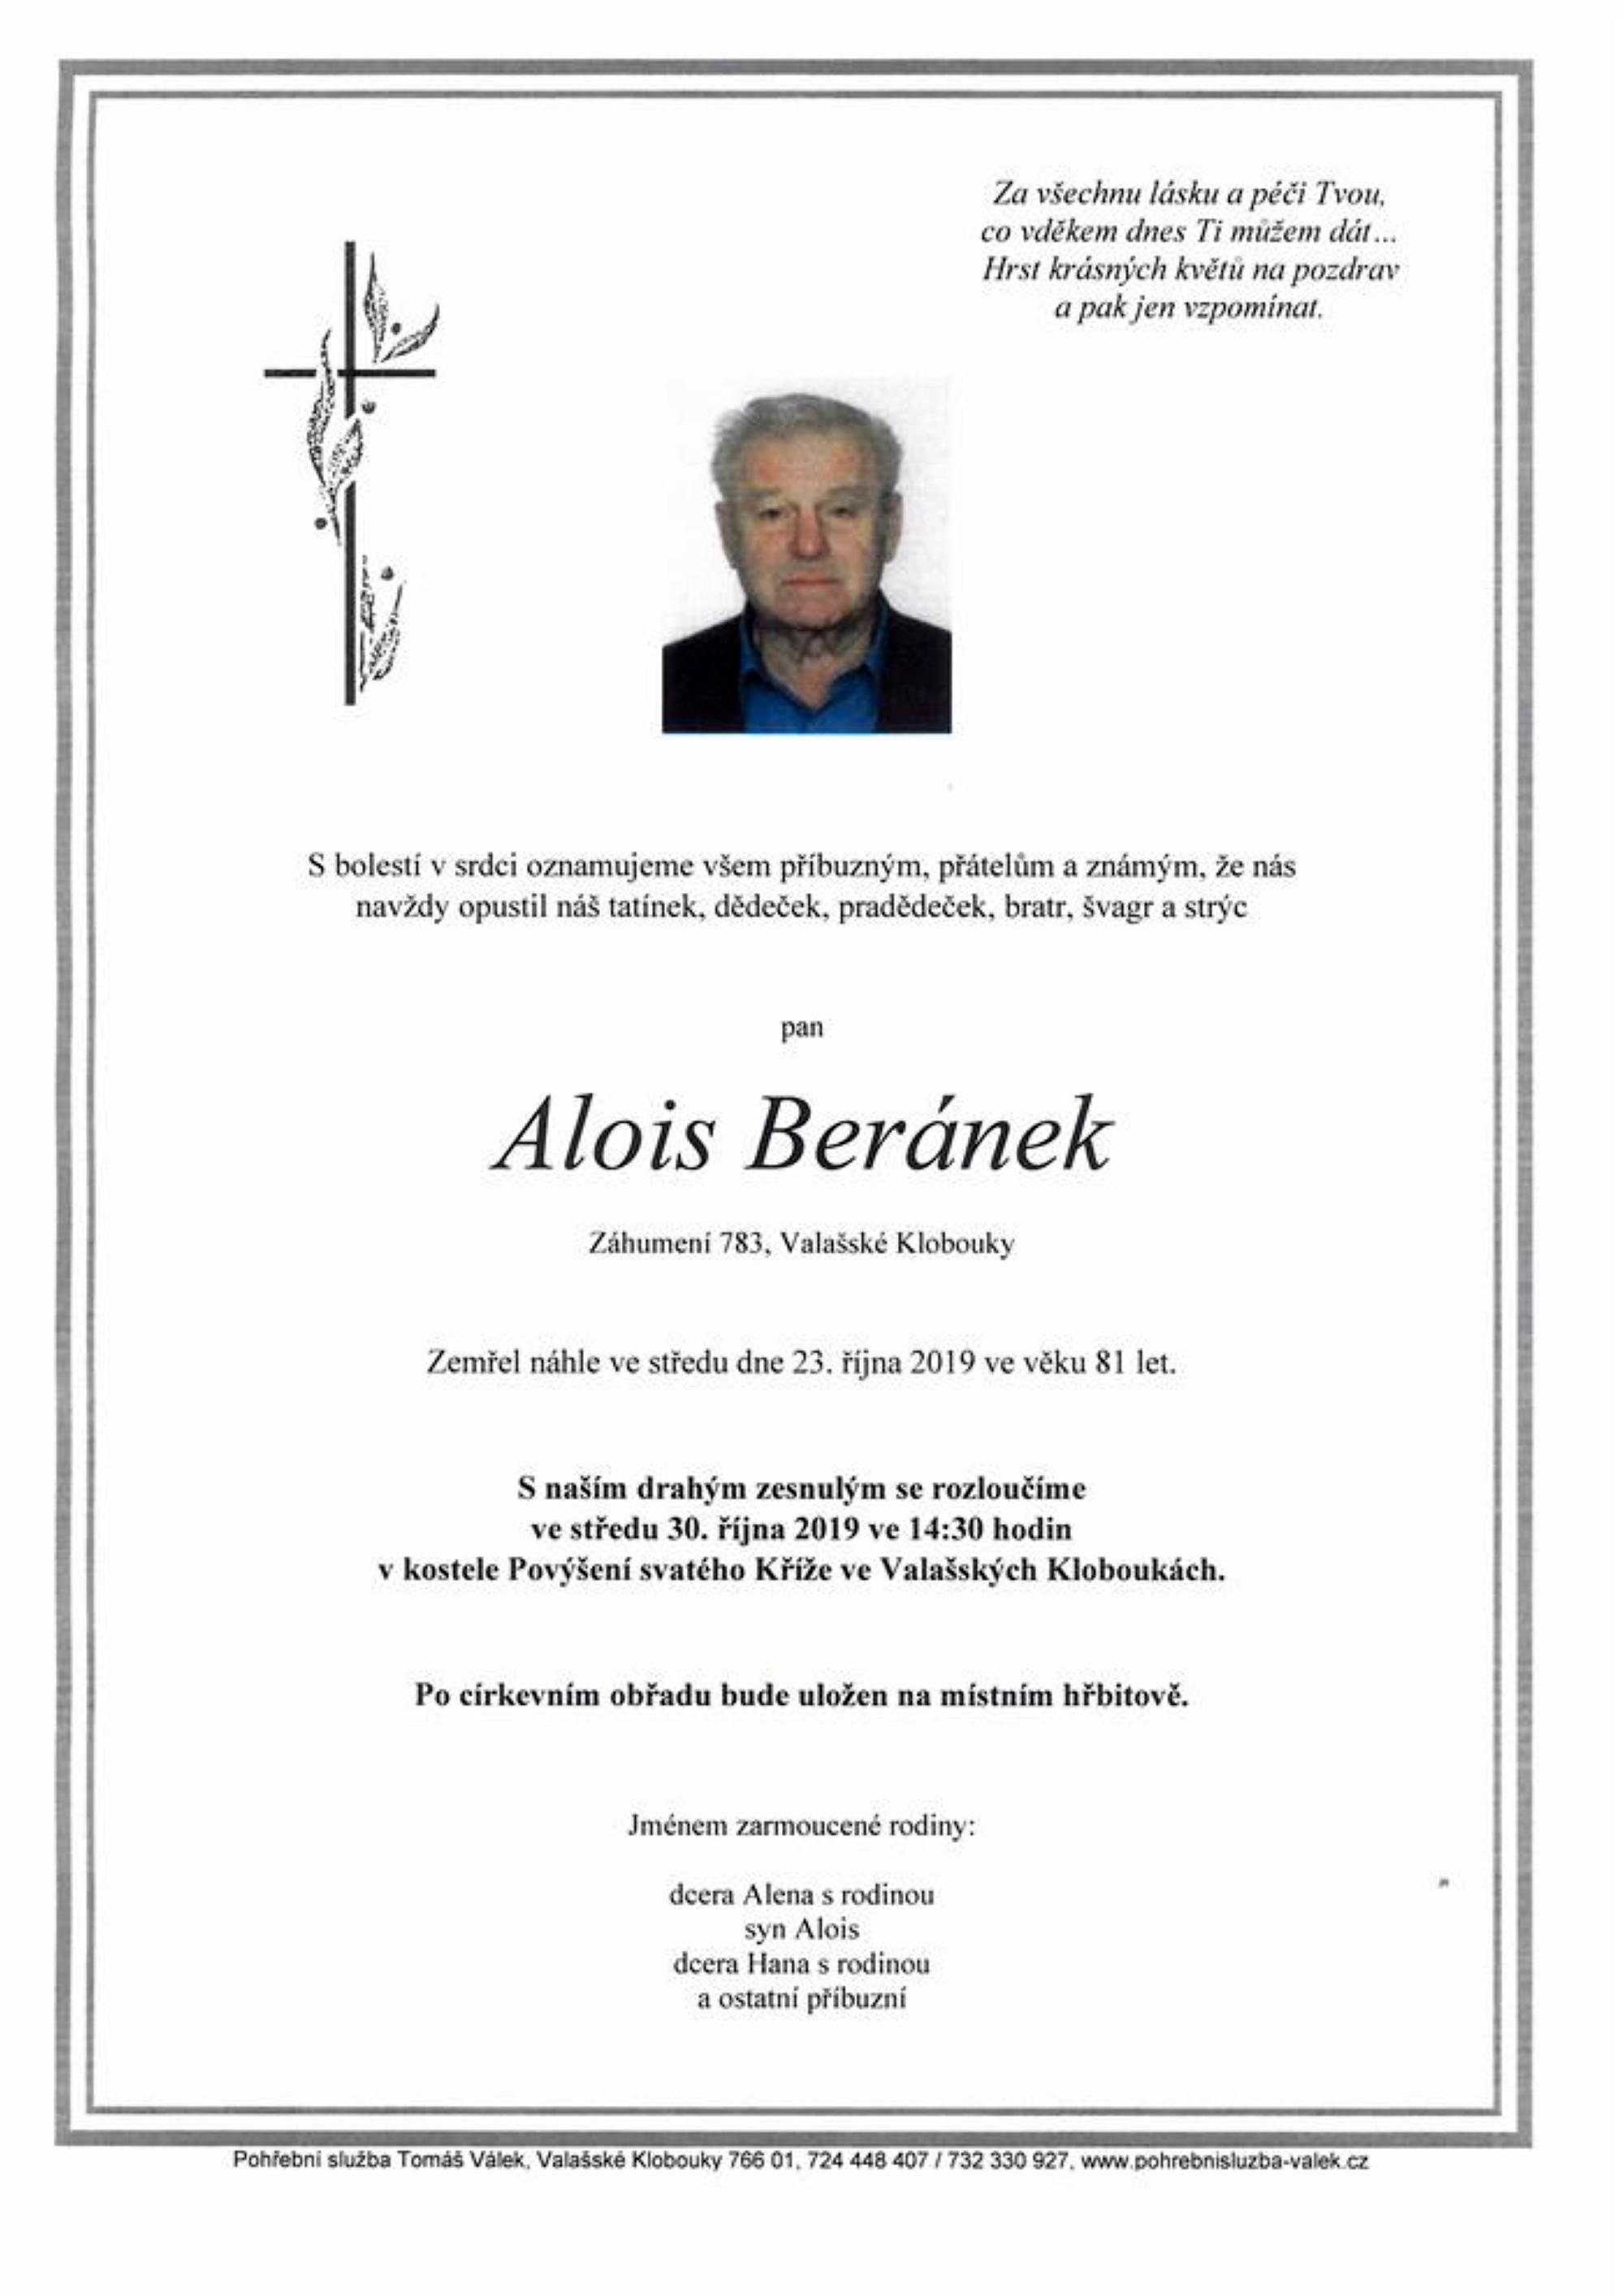 Alois Beránek